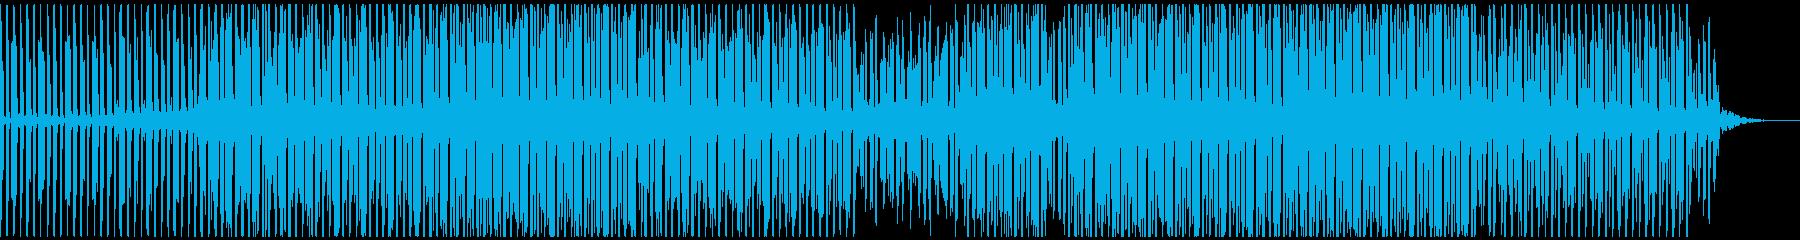 高級ファッション(ボーカルなし)の再生済みの波形